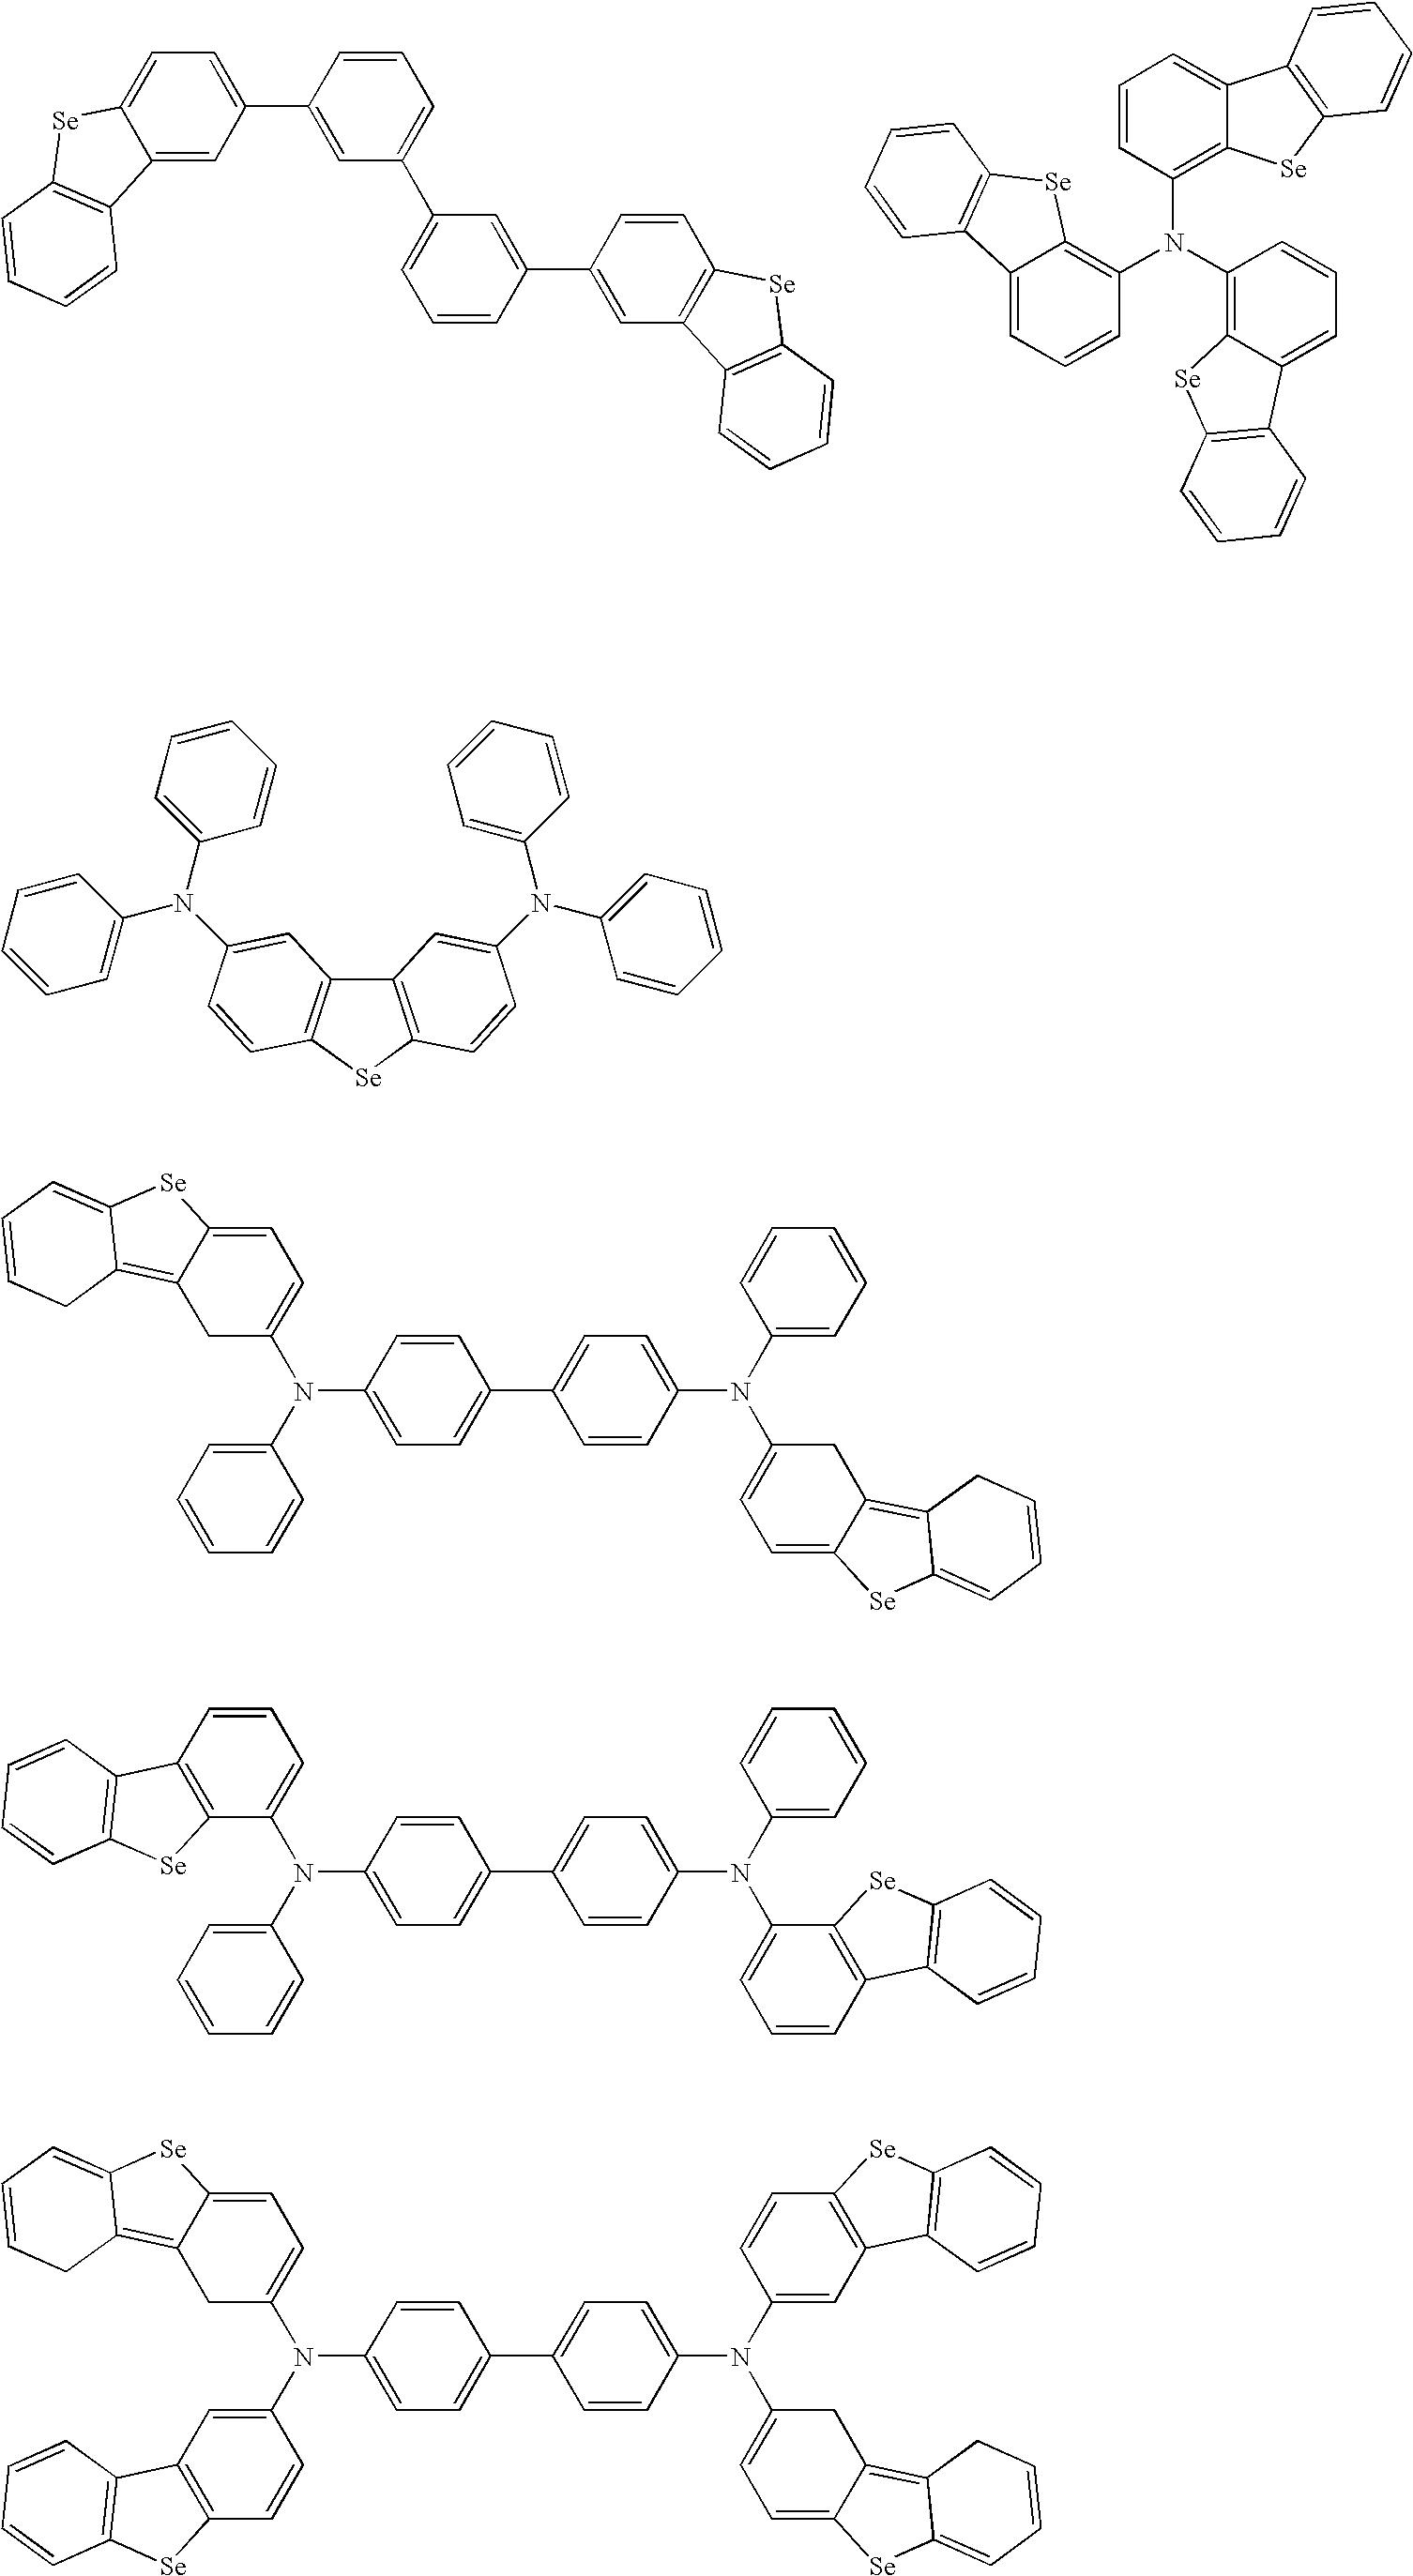 Figure US20100072887A1-20100325-C00201